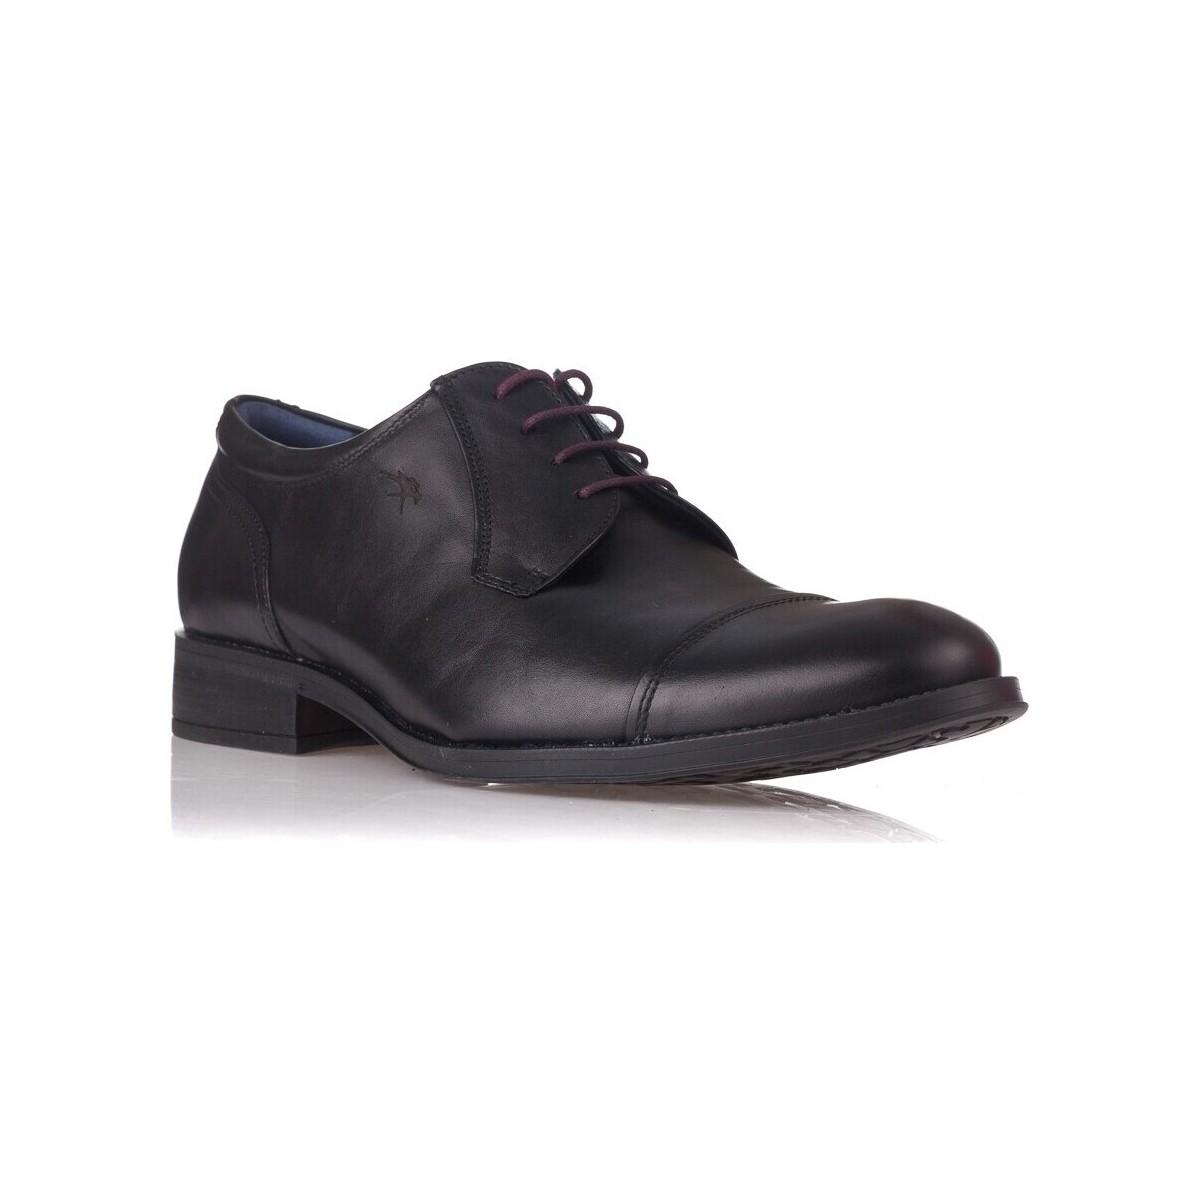 Fluchos 8412 Schwarz - Kostenloser Versand bei Spartoode ! - Schuhe Slipper Herren 97,00 €